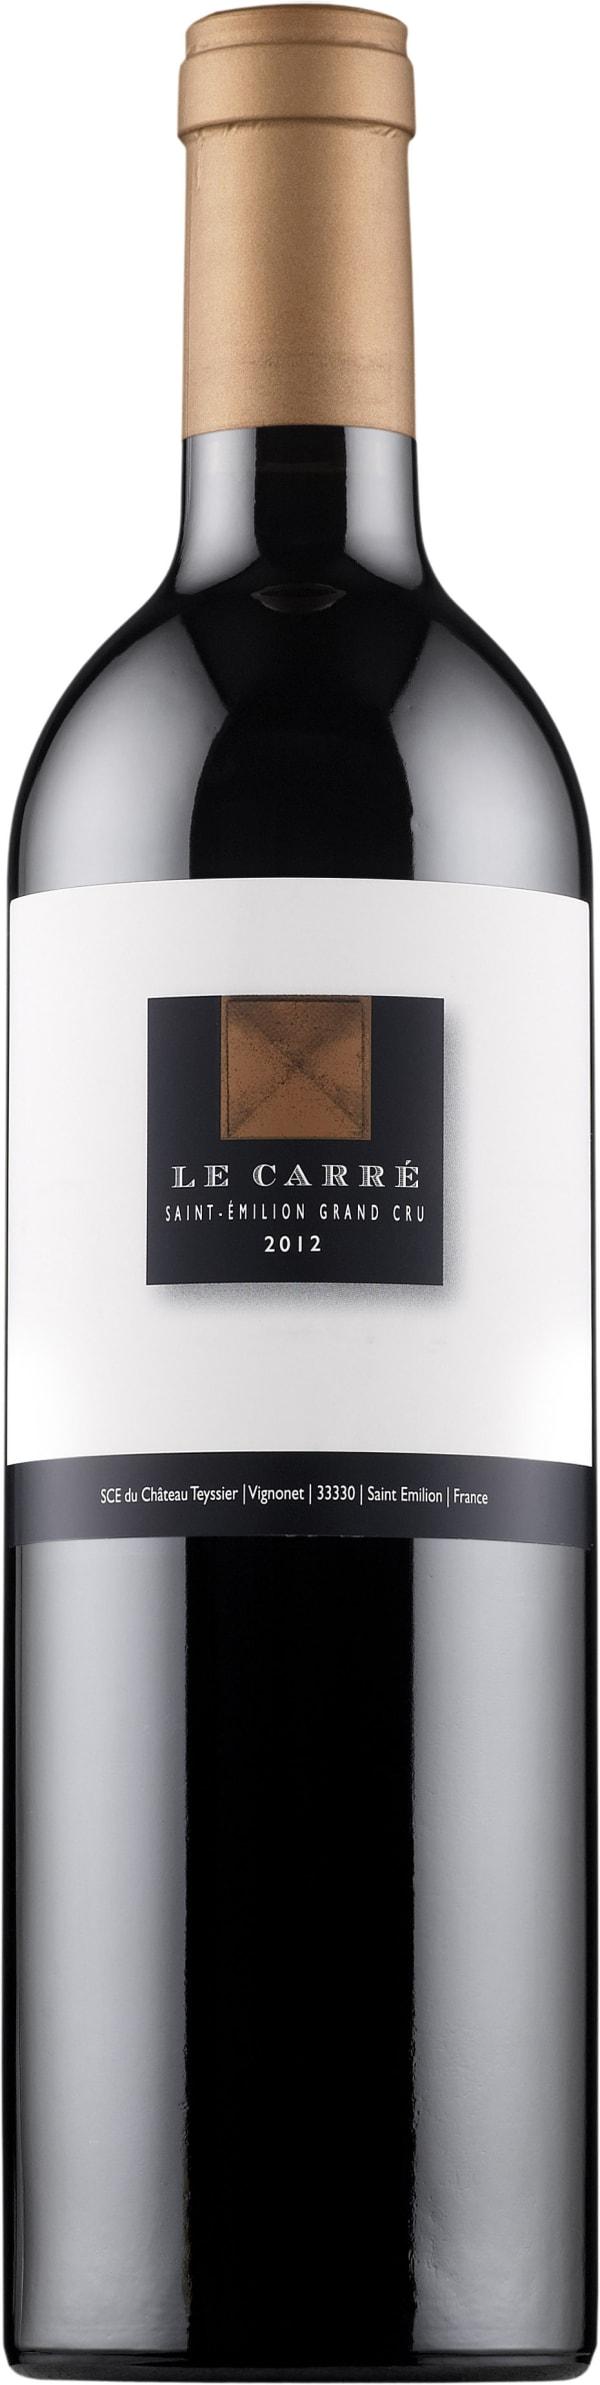 Le Carré 2012